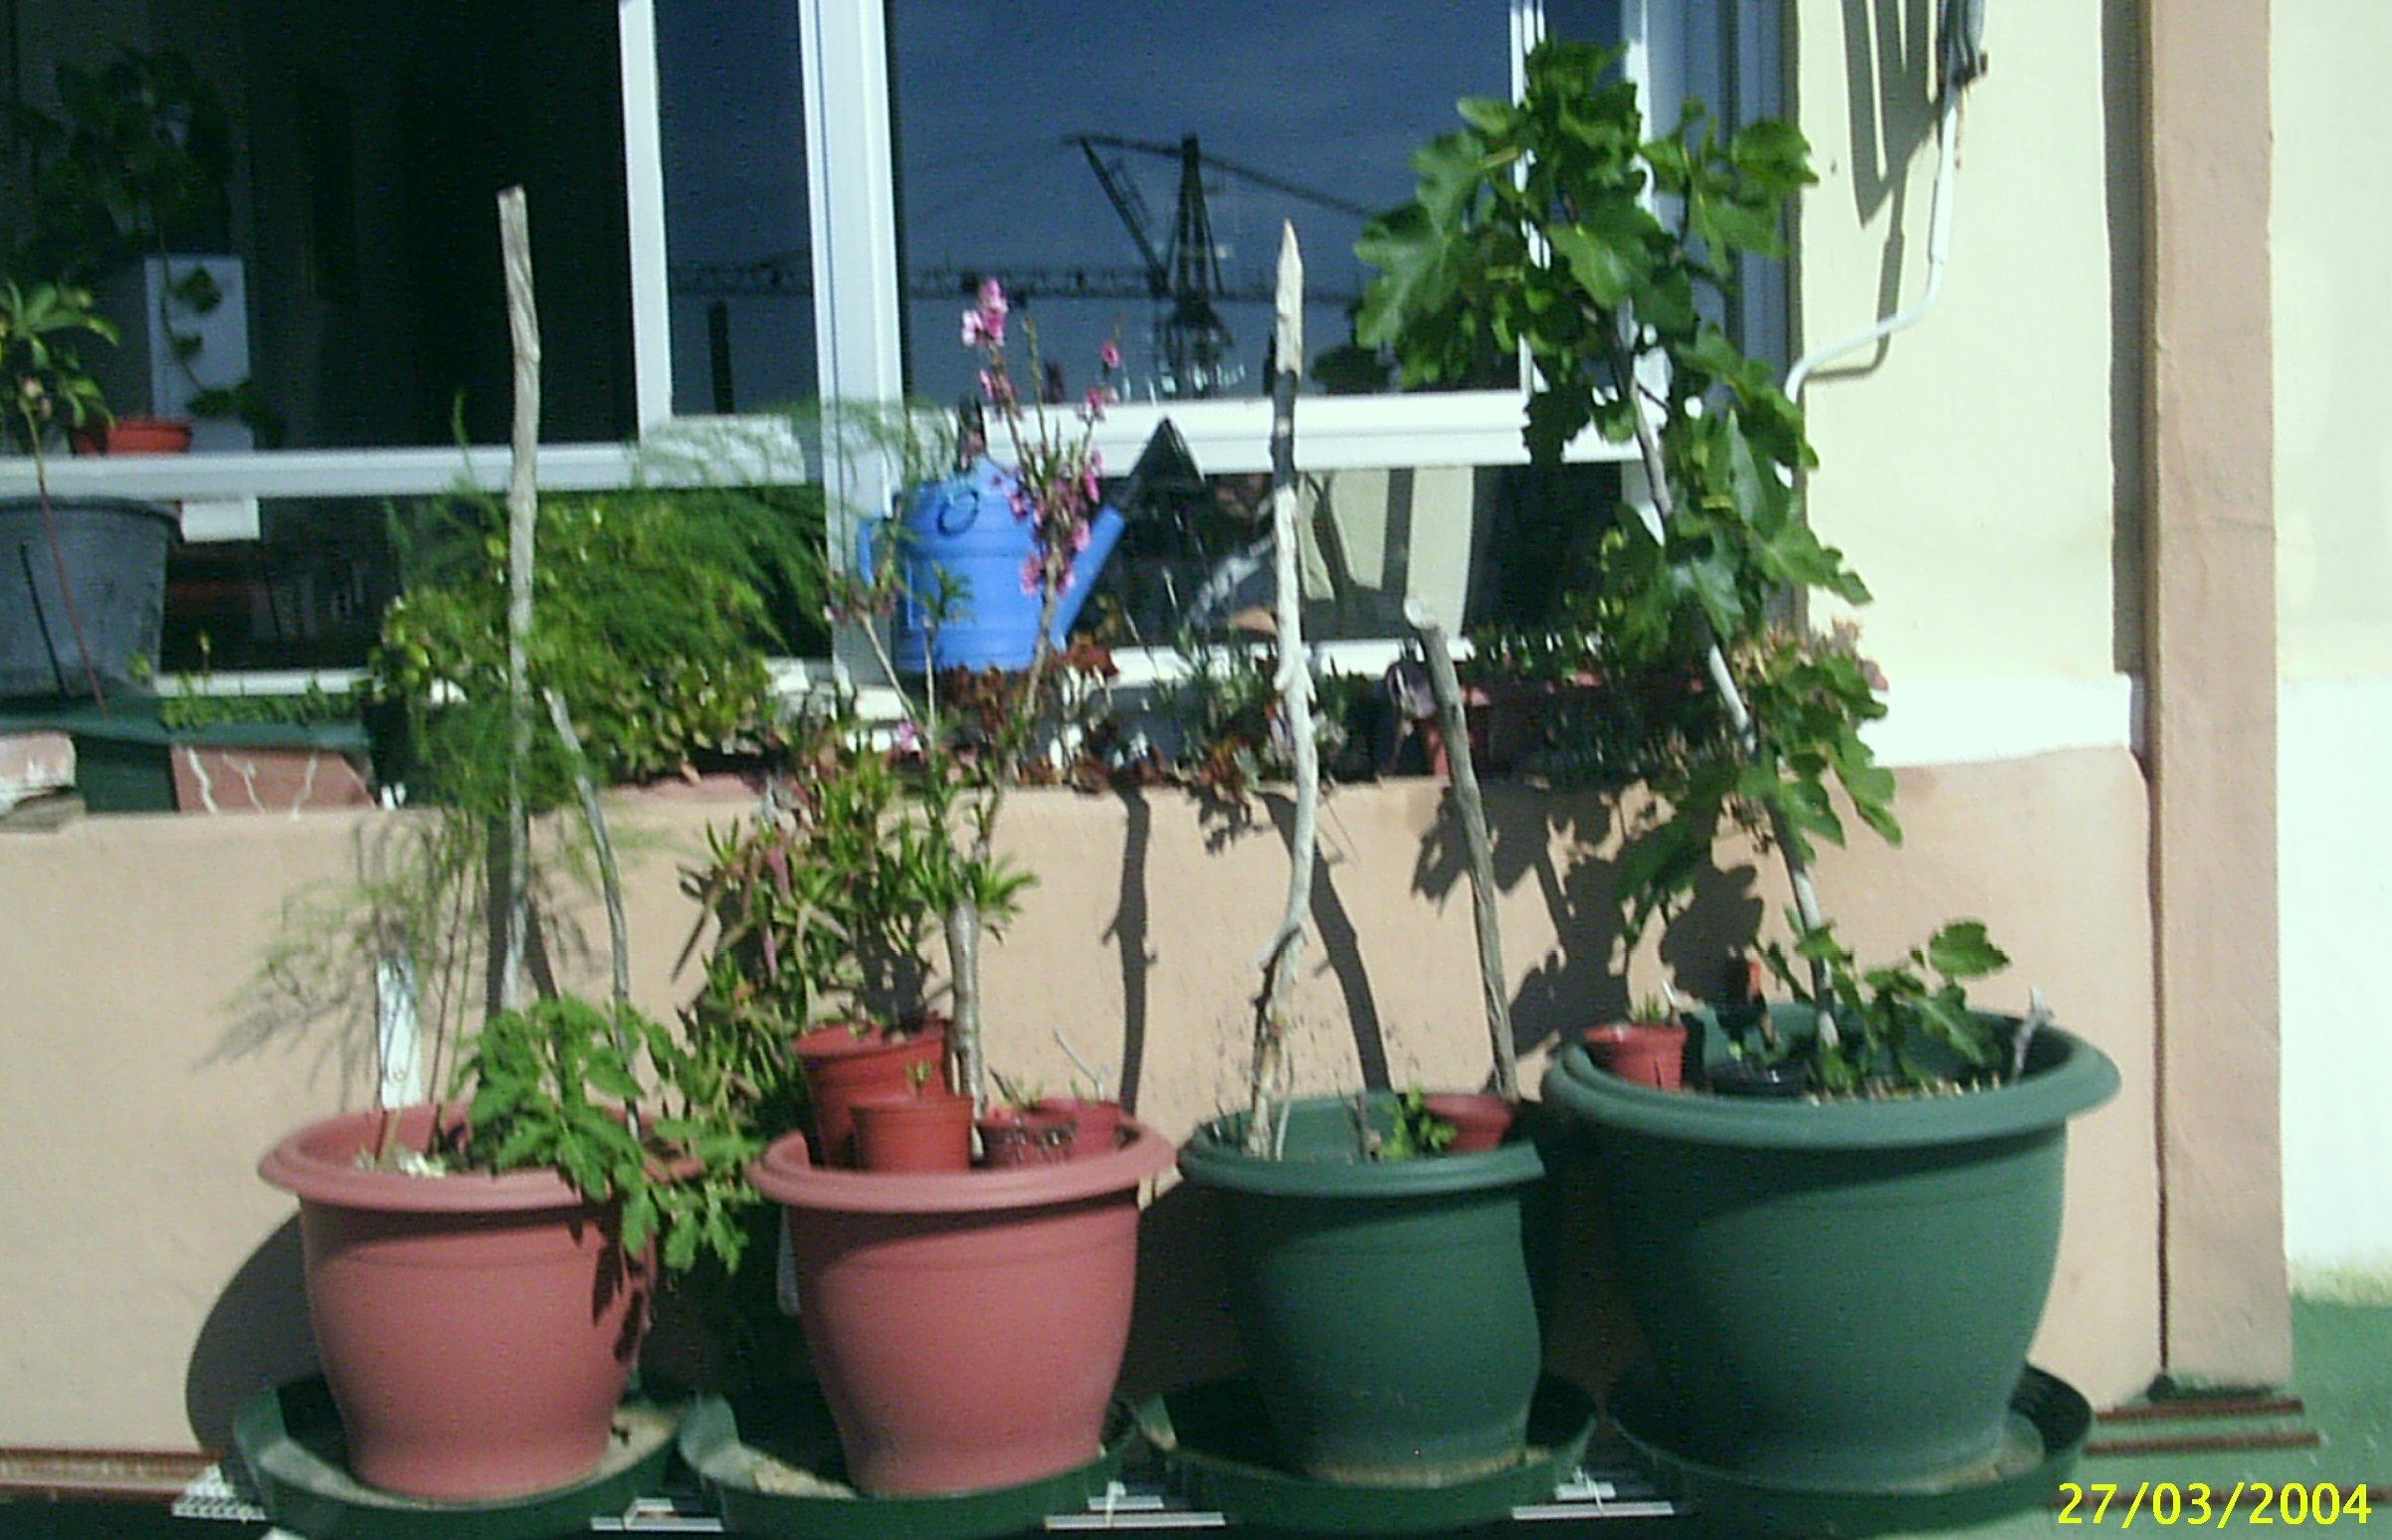 Mi peque�o huerto urbano: Esp�rragos, tomates, frutales...